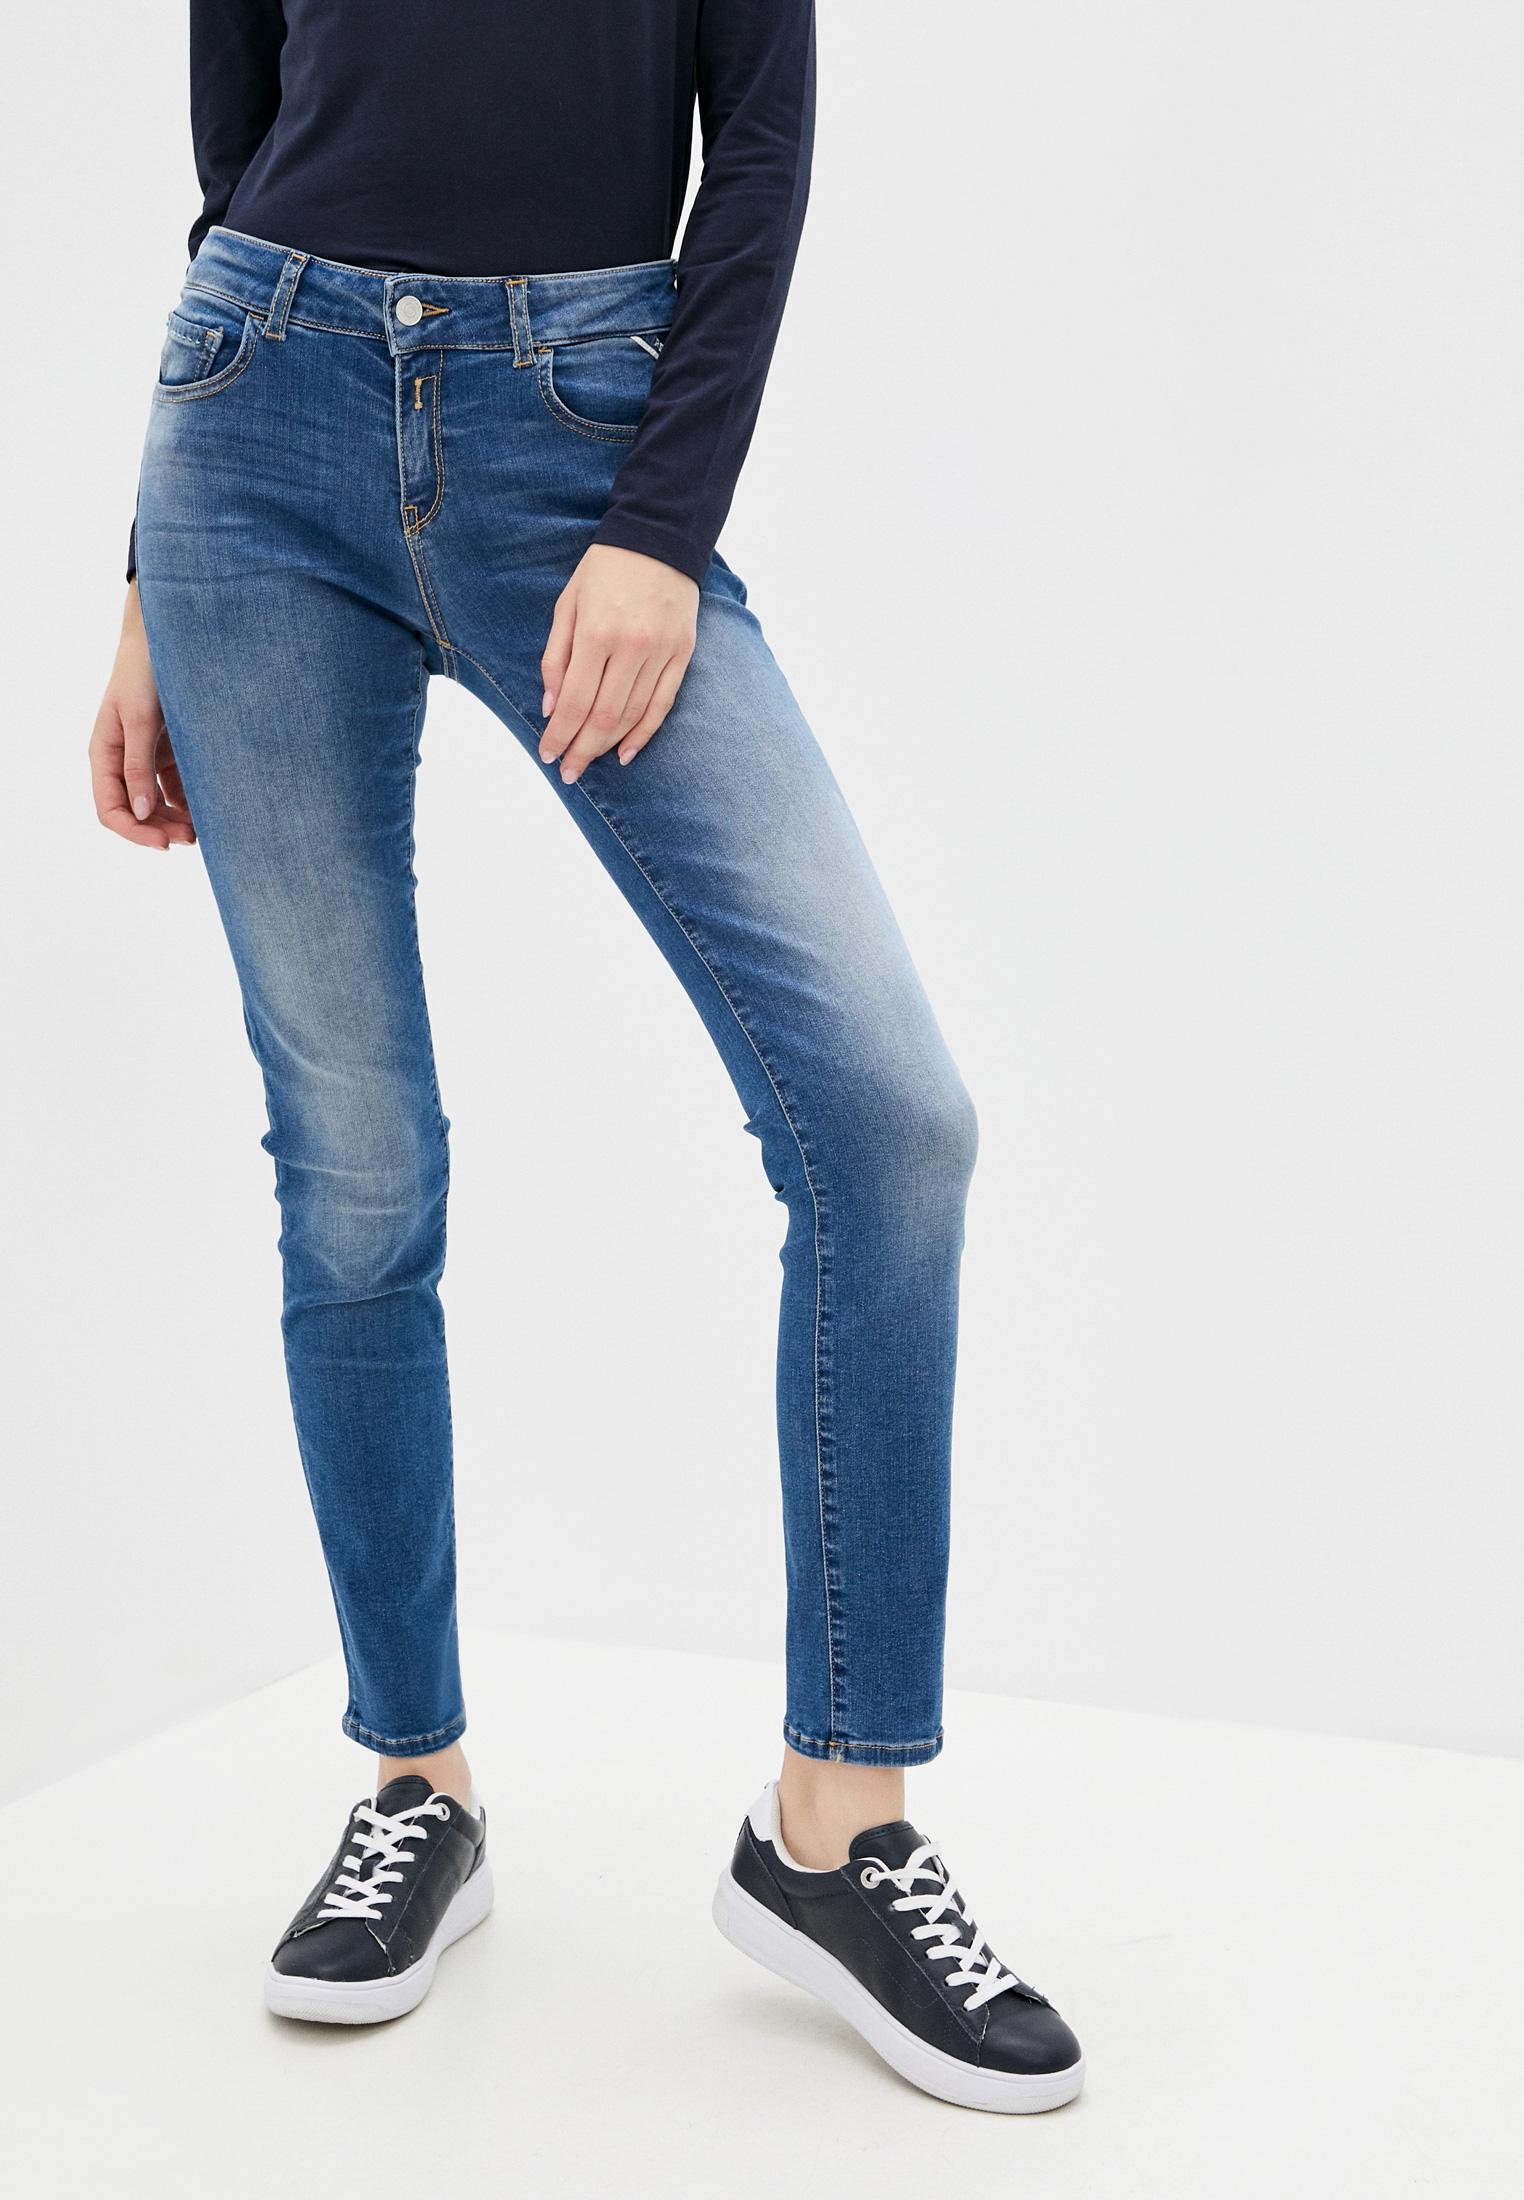 Зауженные джинсы Replay (Реплей) WA429.000.41A863